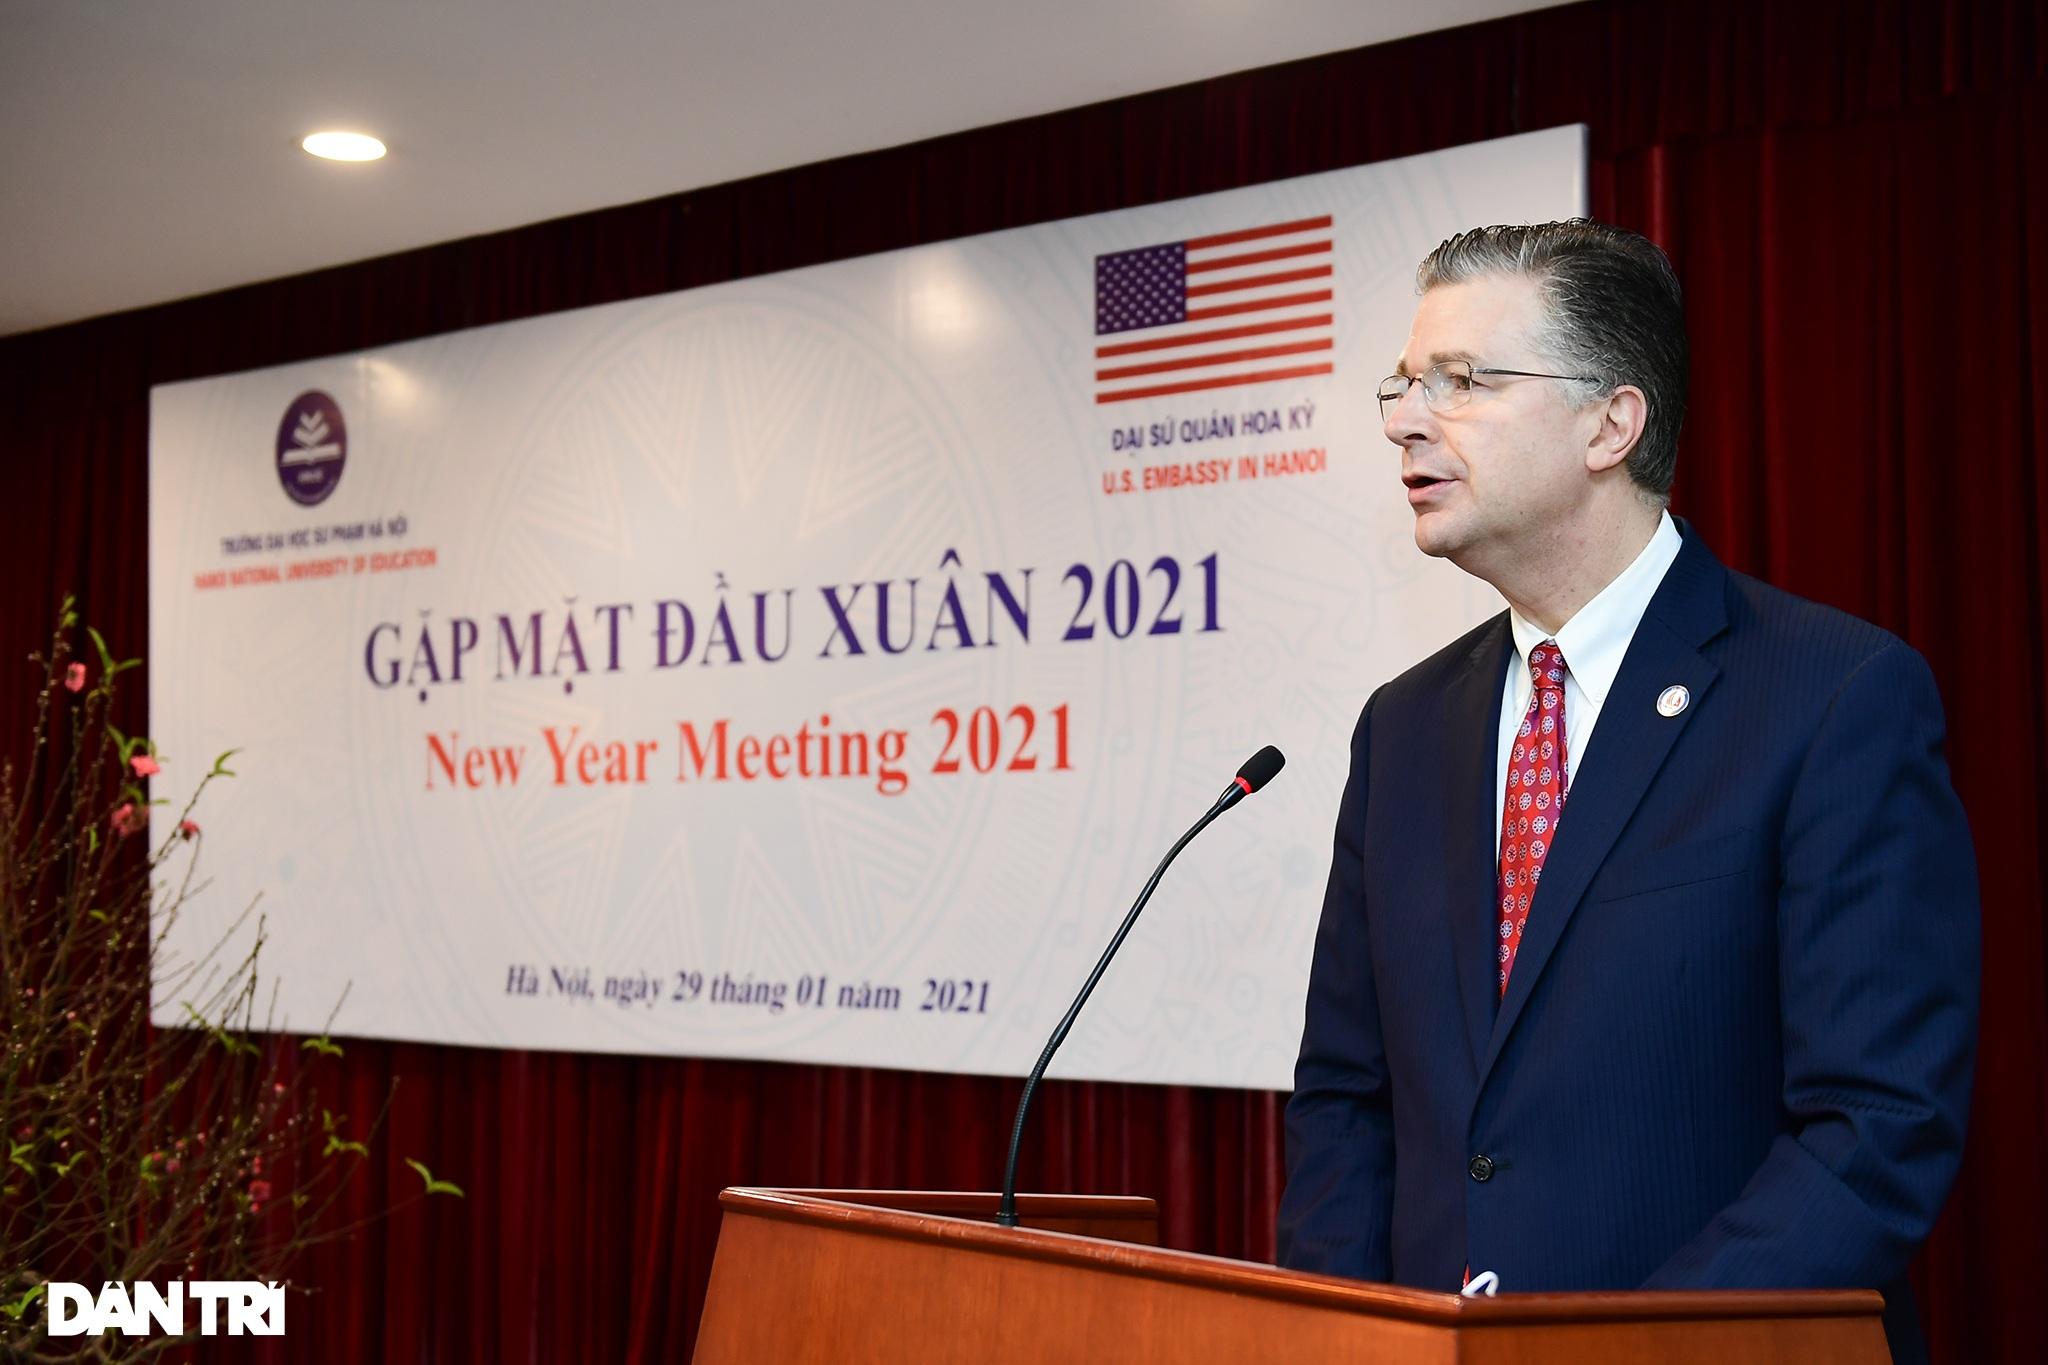 Đại sứ Hoa Kỳ tại Việt Nam tặng cây đào tự tay ghép cho trường ĐHSP Hà Nội - 1